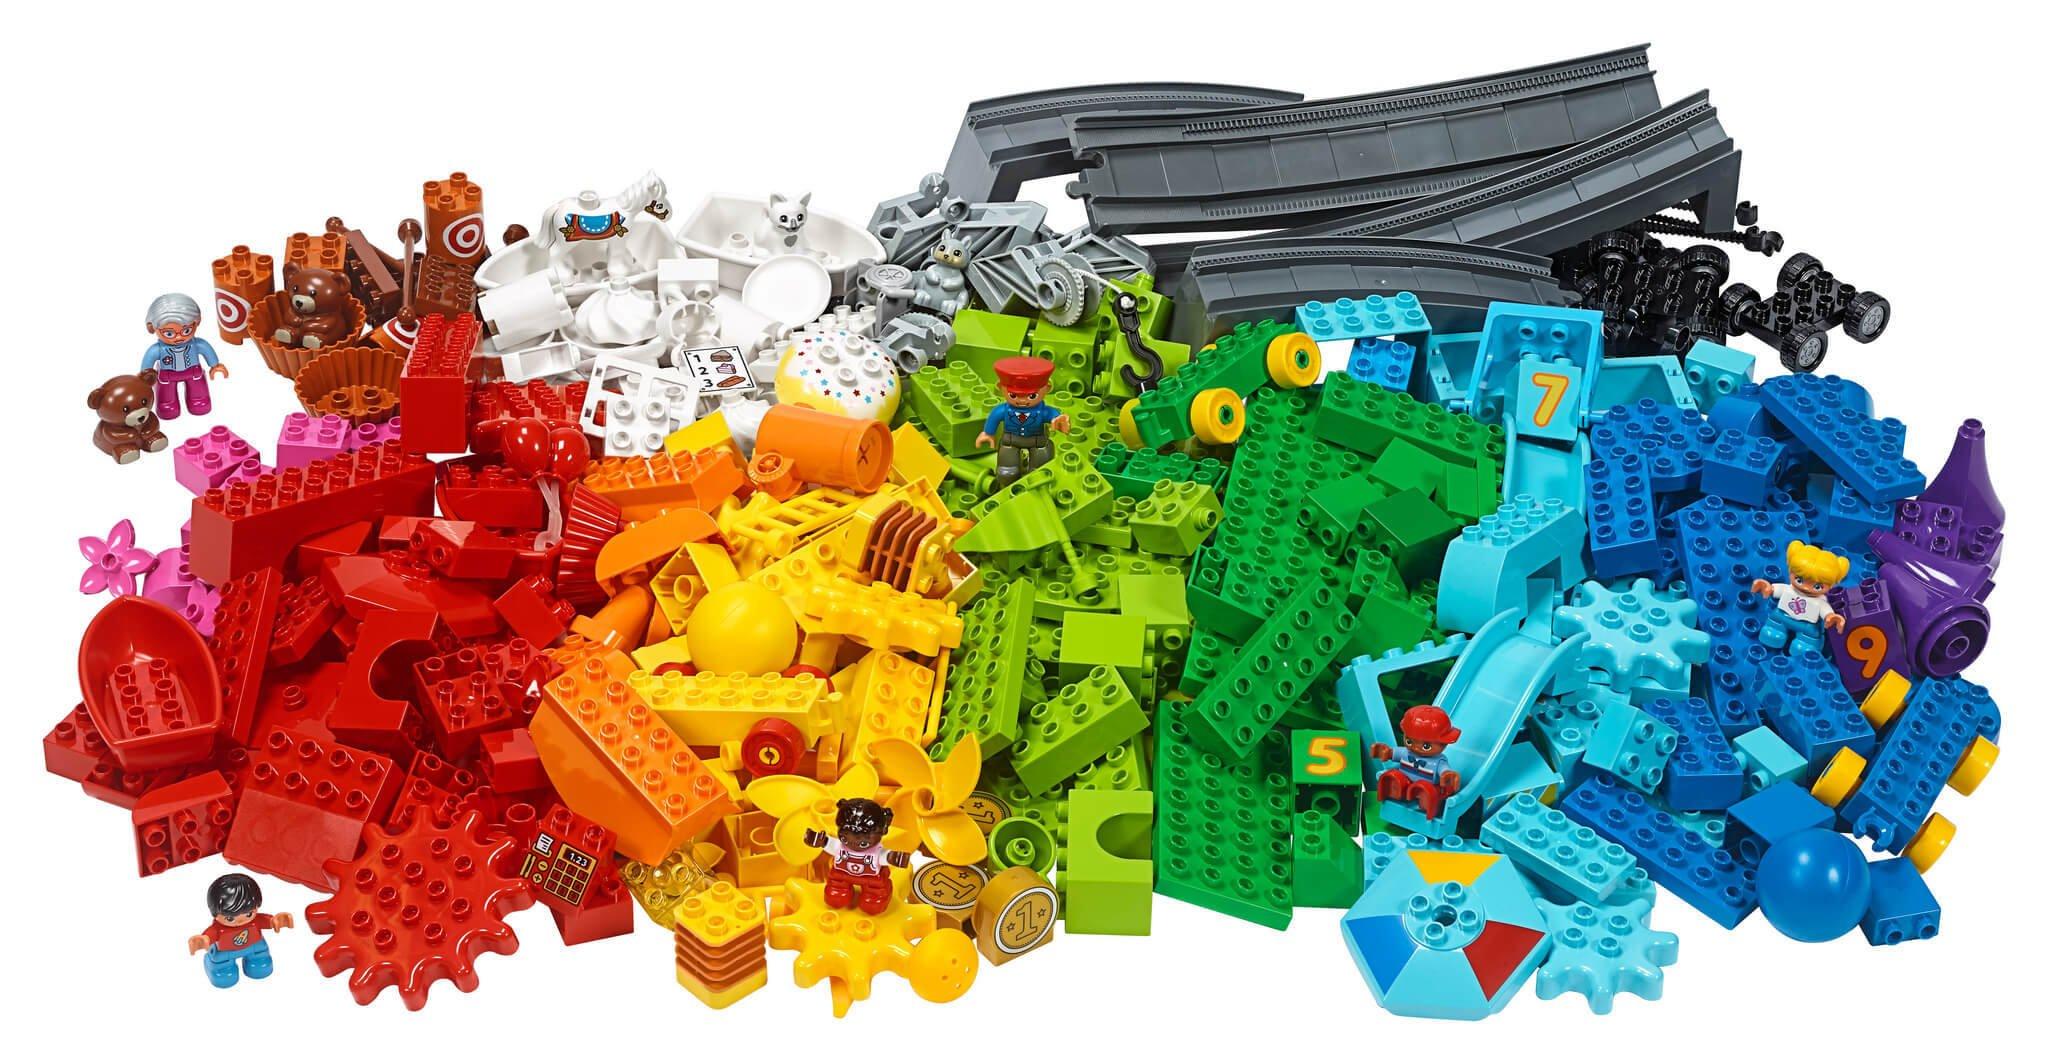 конструктор лего красивые картинки